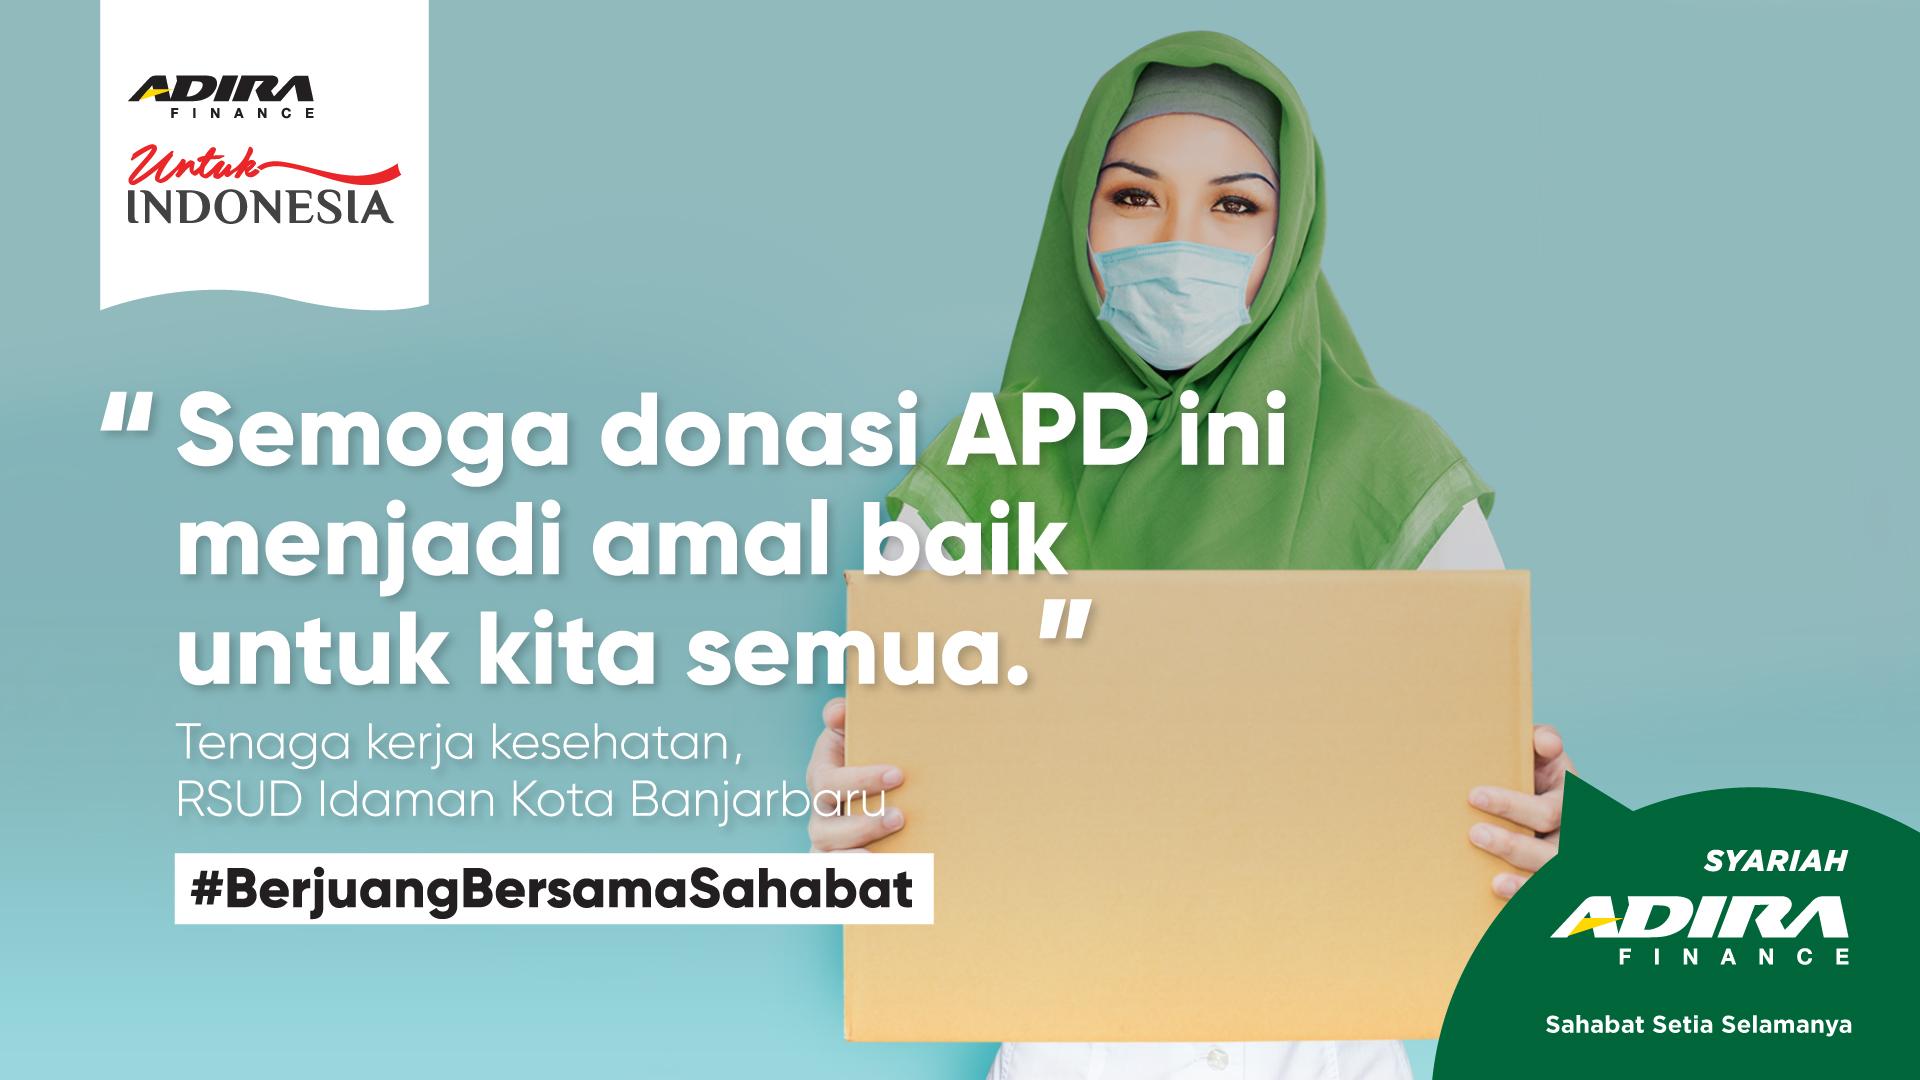 Adira Finance Syariah Donasi APD ke Rumah Sakit Rujukan ...